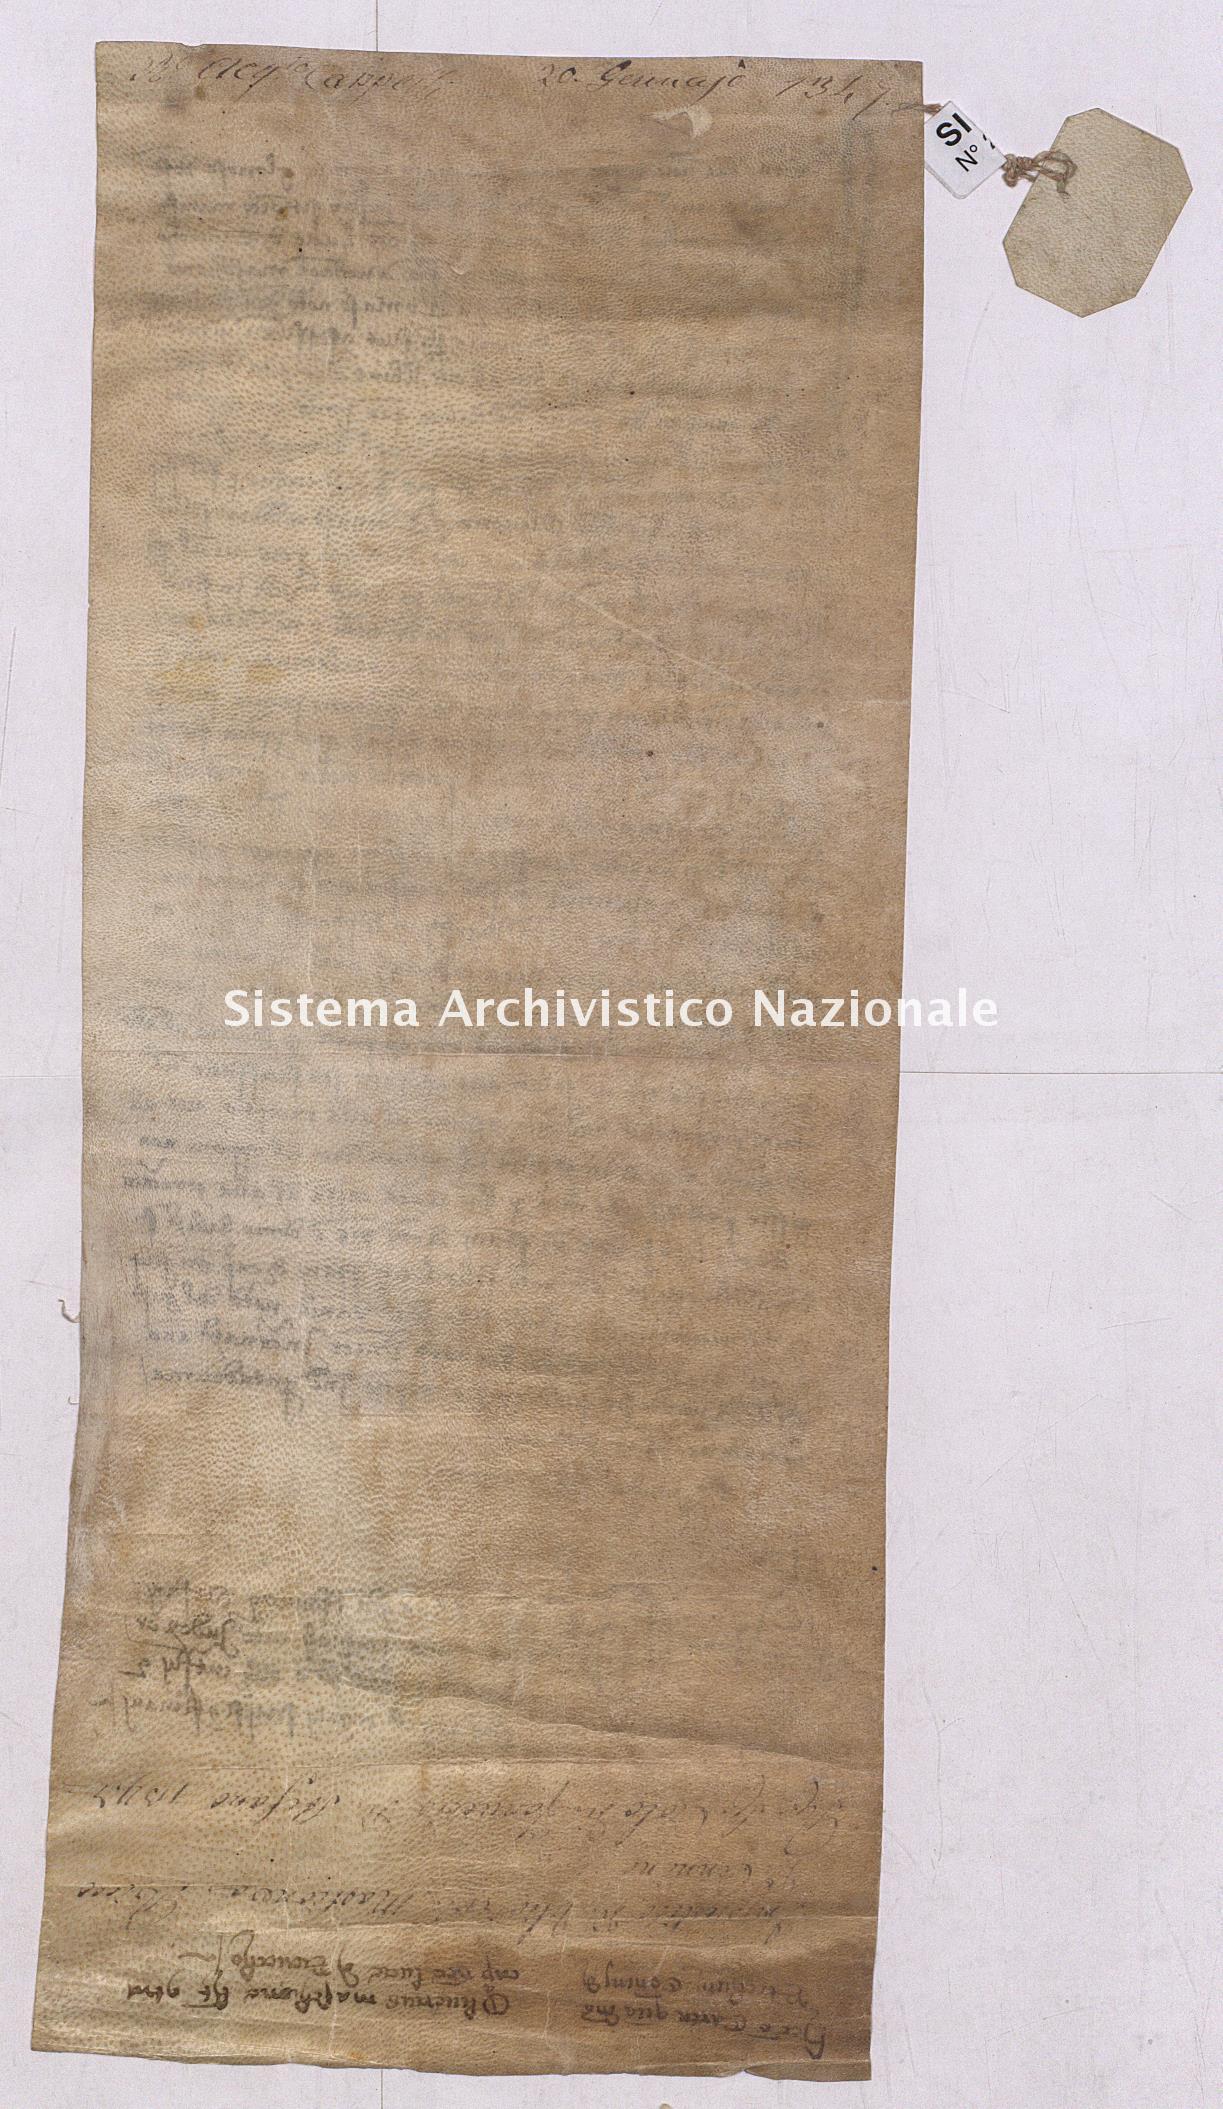 Archivio di Stato di Pisa, Diplomatico, Cappelli, Pergamena CAP02832